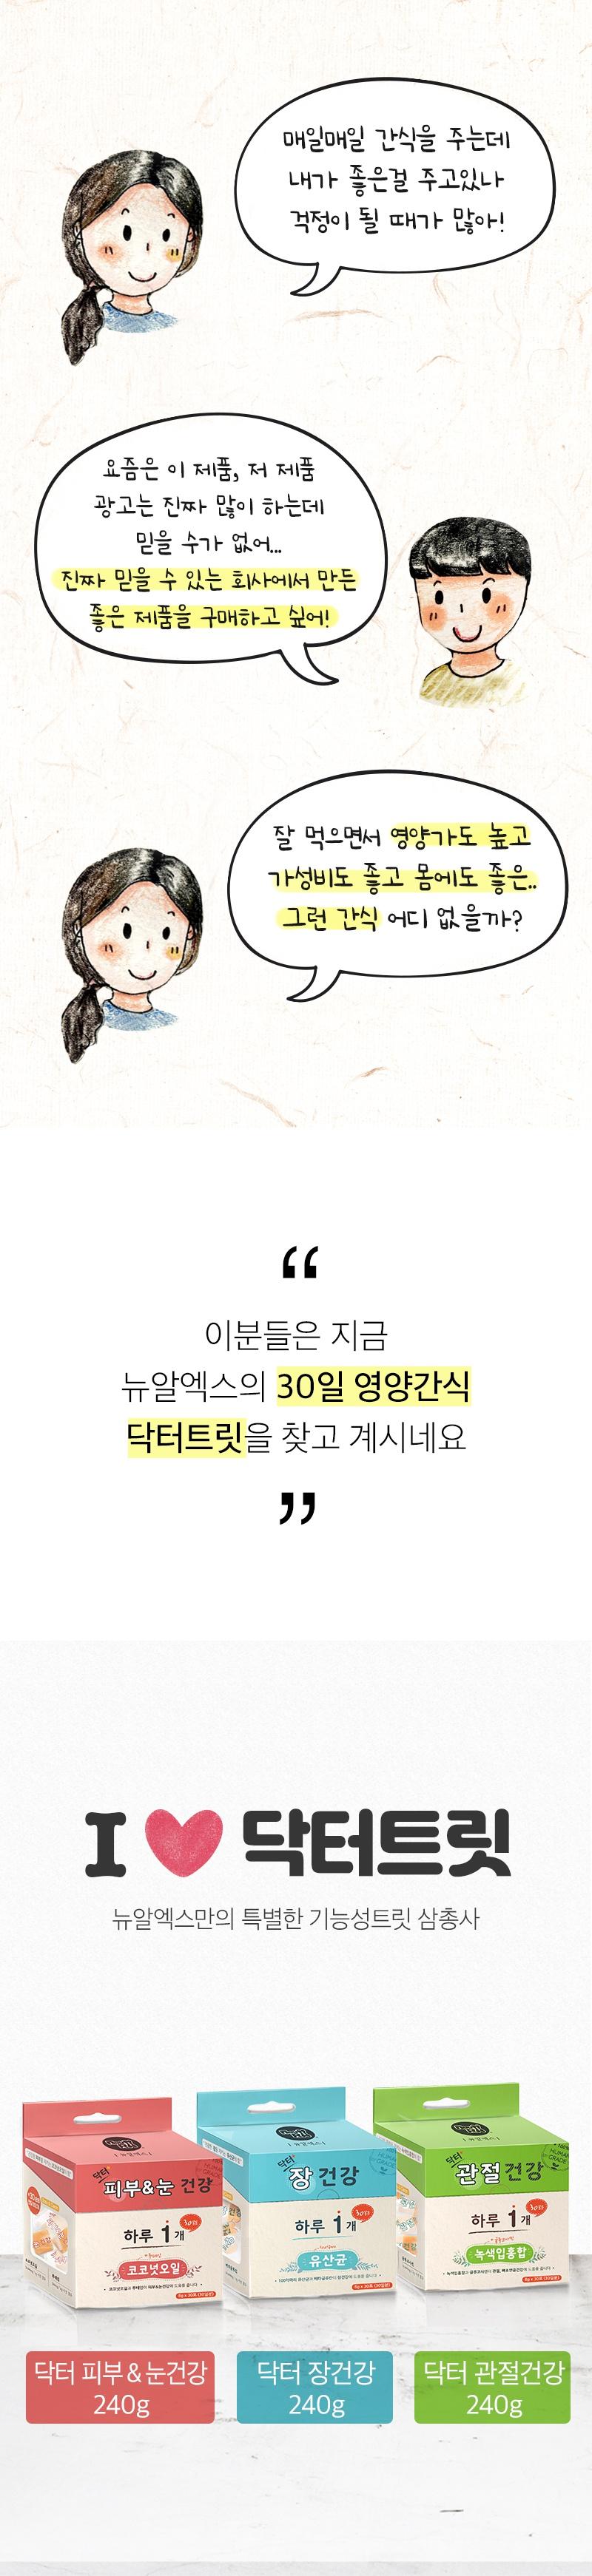 뉴알엑스 닥터 장 건강 (240g)-상품이미지-1